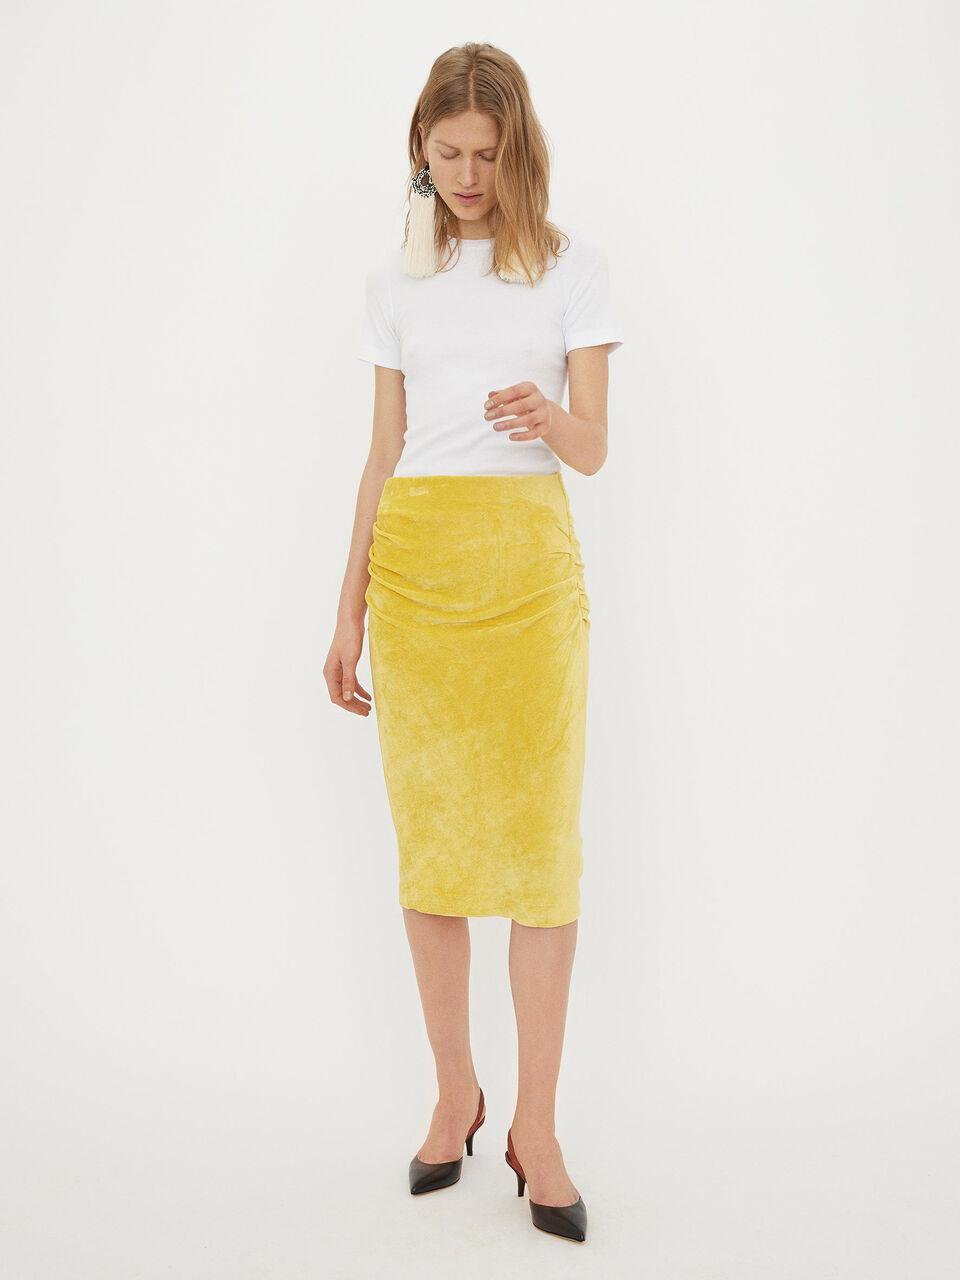 ce7d01a6e6 Velvet skirt - Buy Skirts online